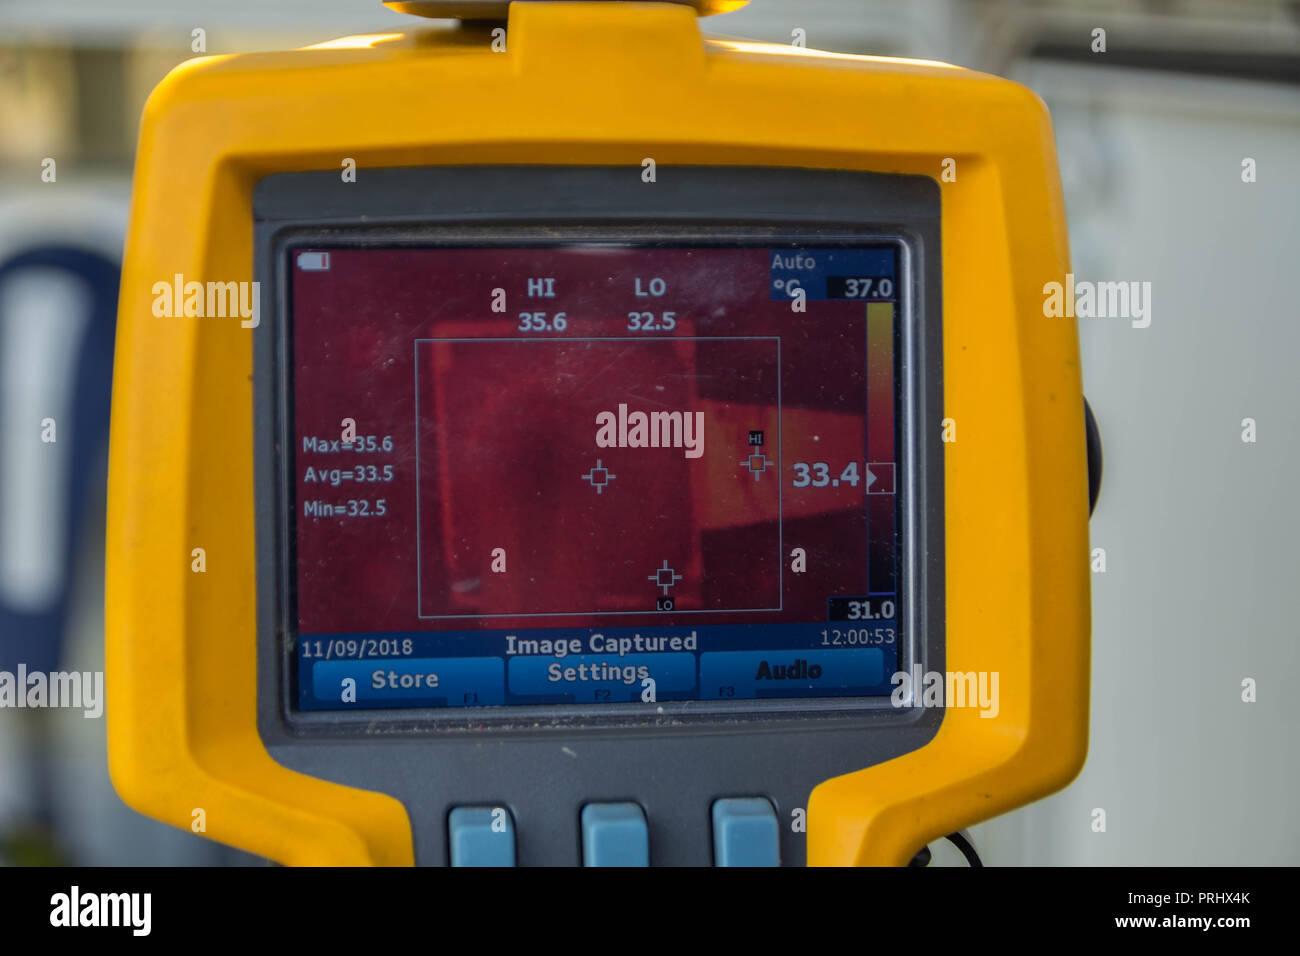 Thermoscan(immagine termica telecamera), scansione per il demolitore per controllare temp. Immagini Stock